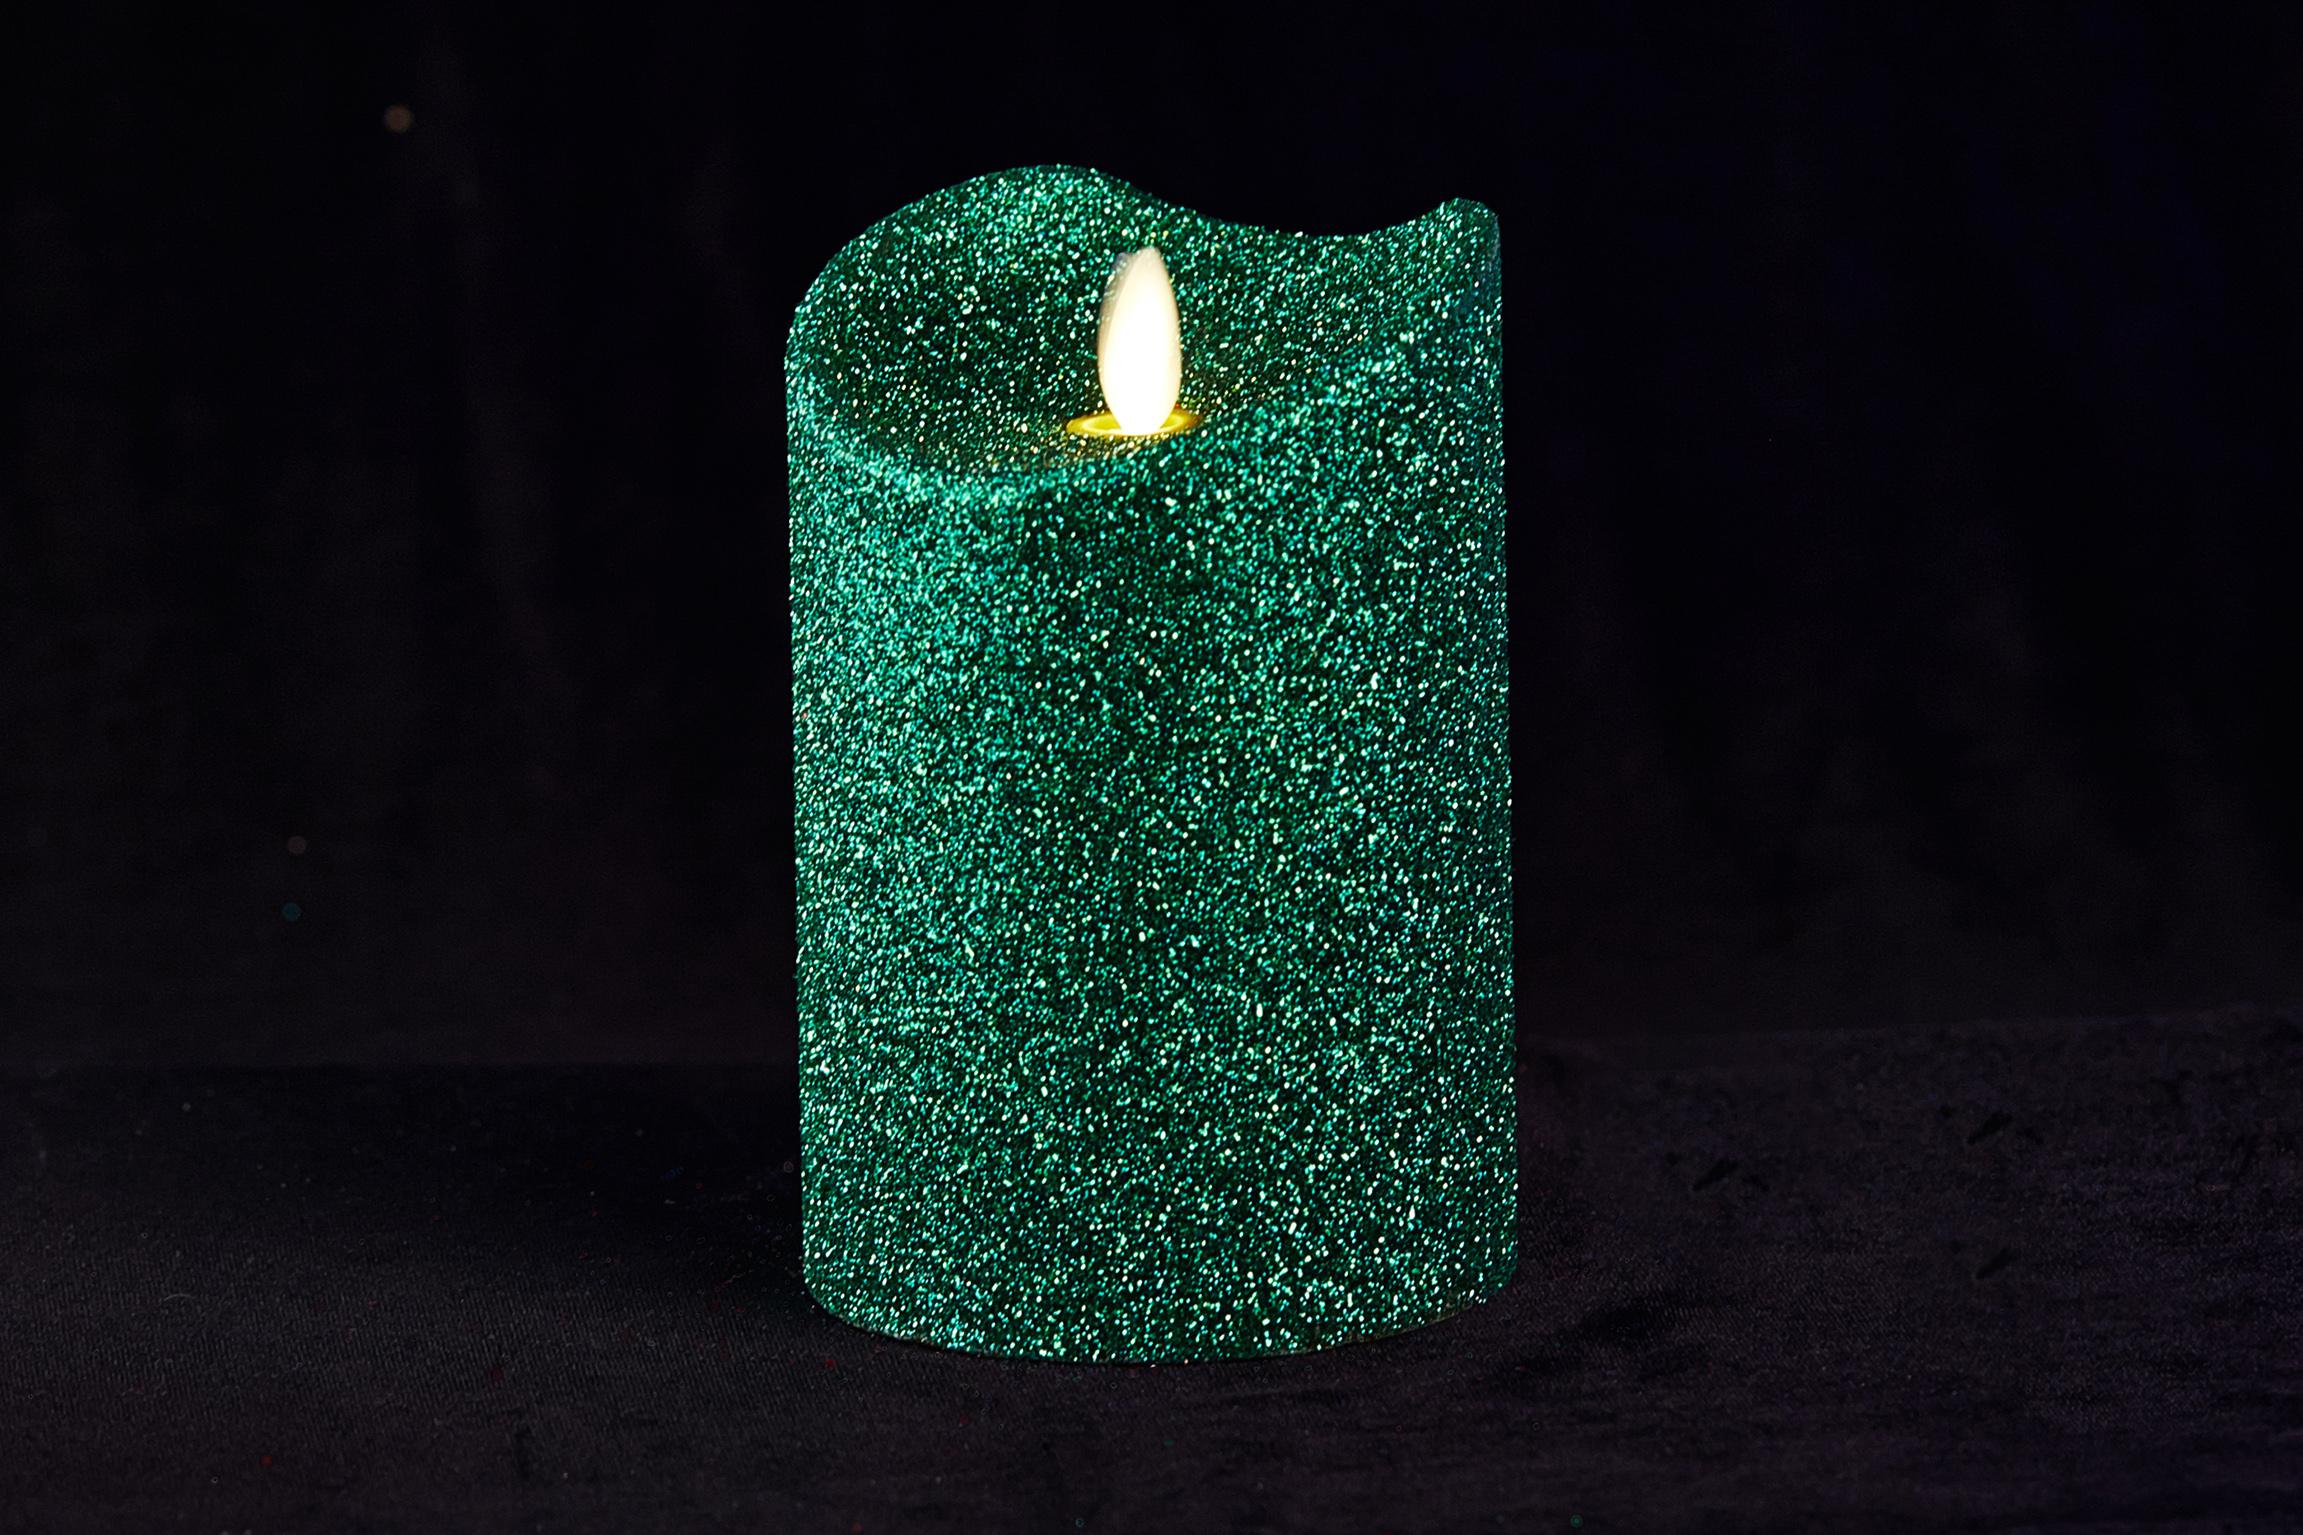 картинка зеленые свечи поэтому мой выбор